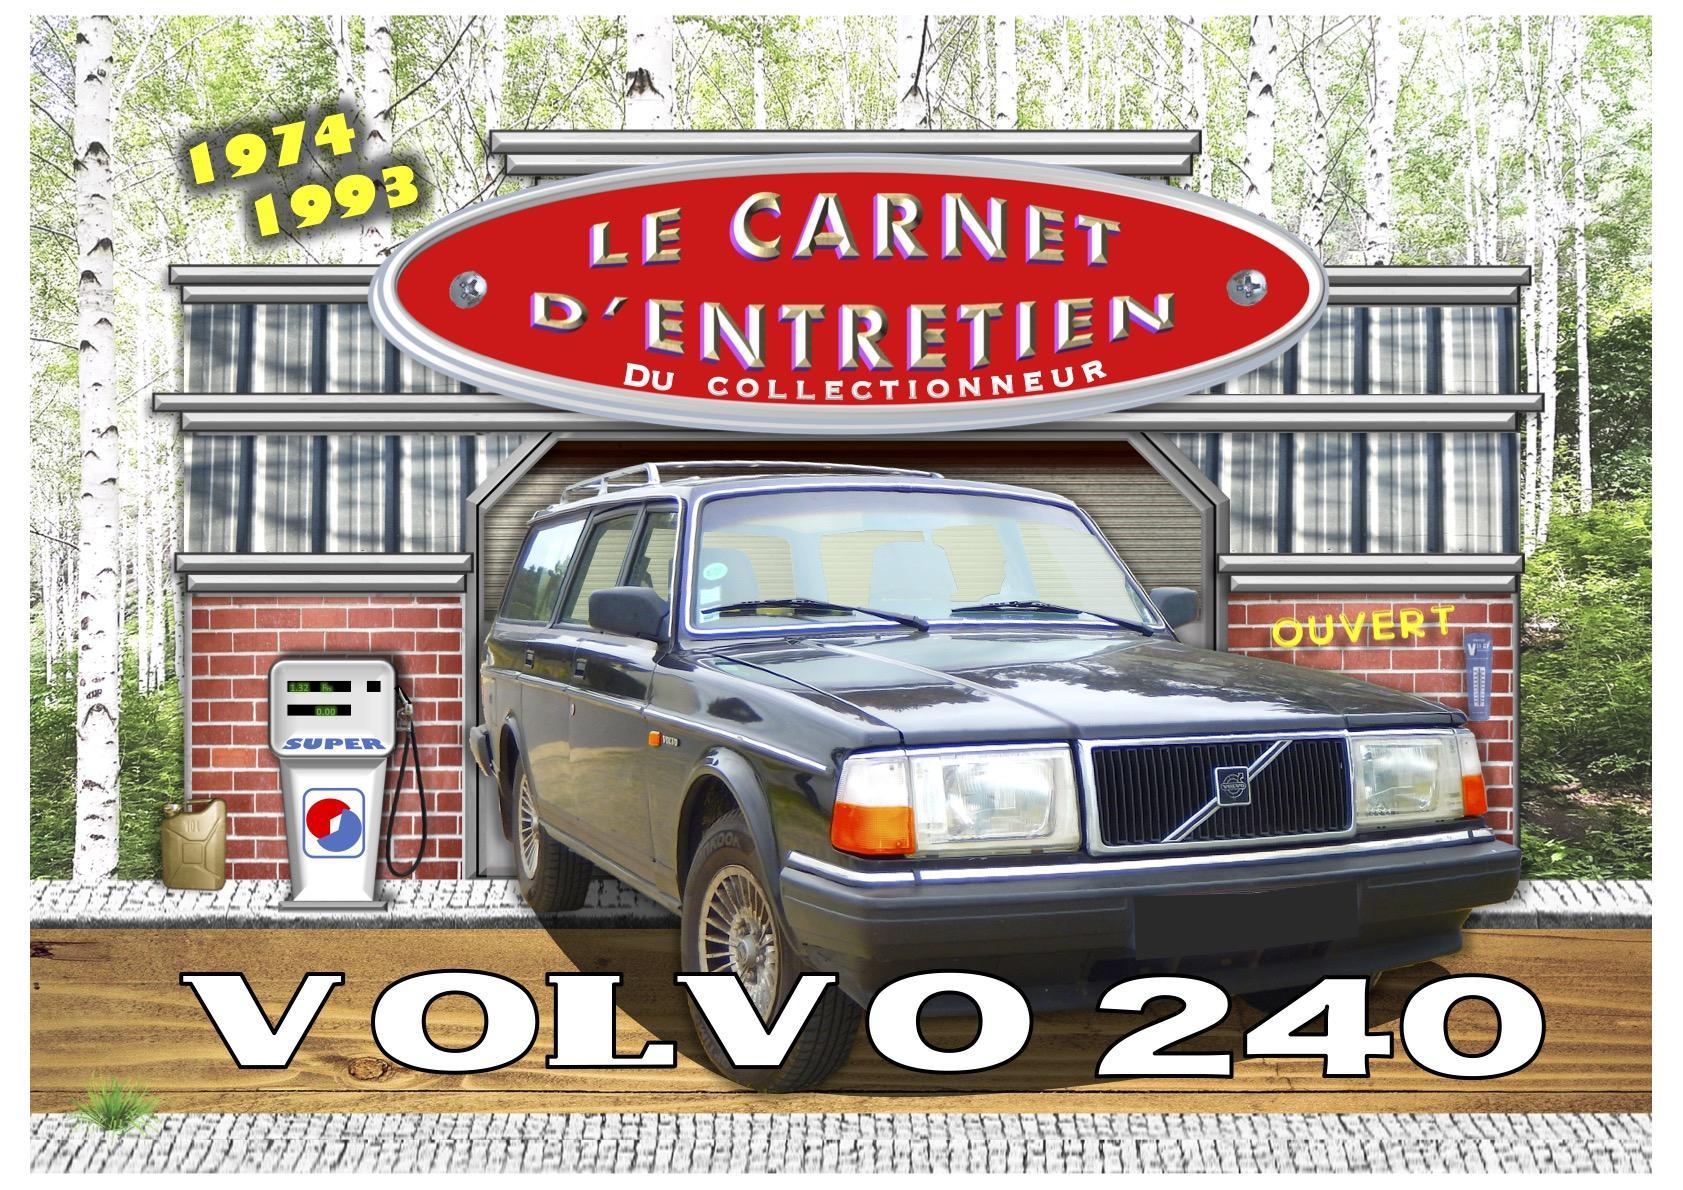 carnet d'entretien Volvo 240